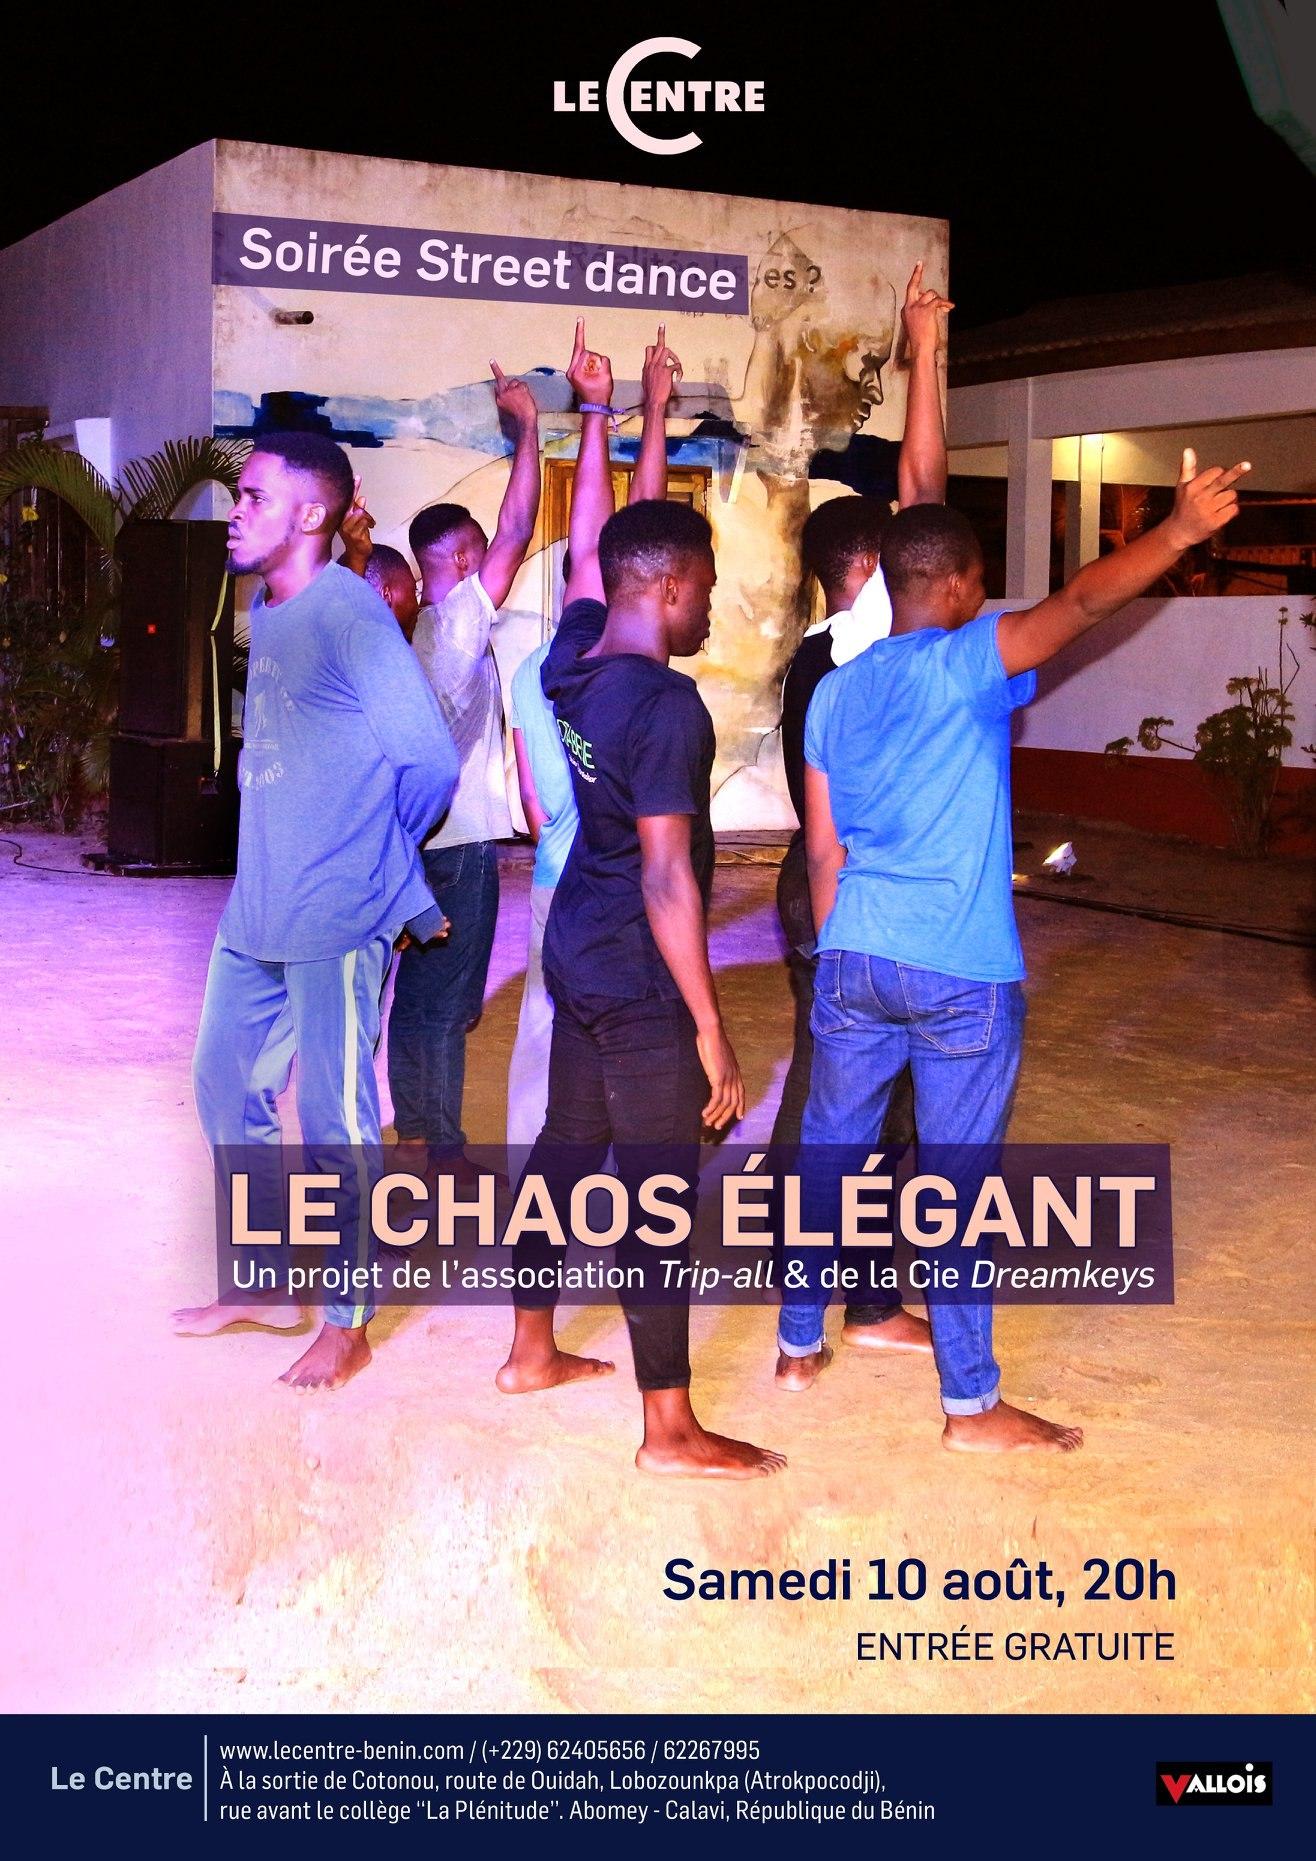 Soirée street dance, Le Chaos élégant #3